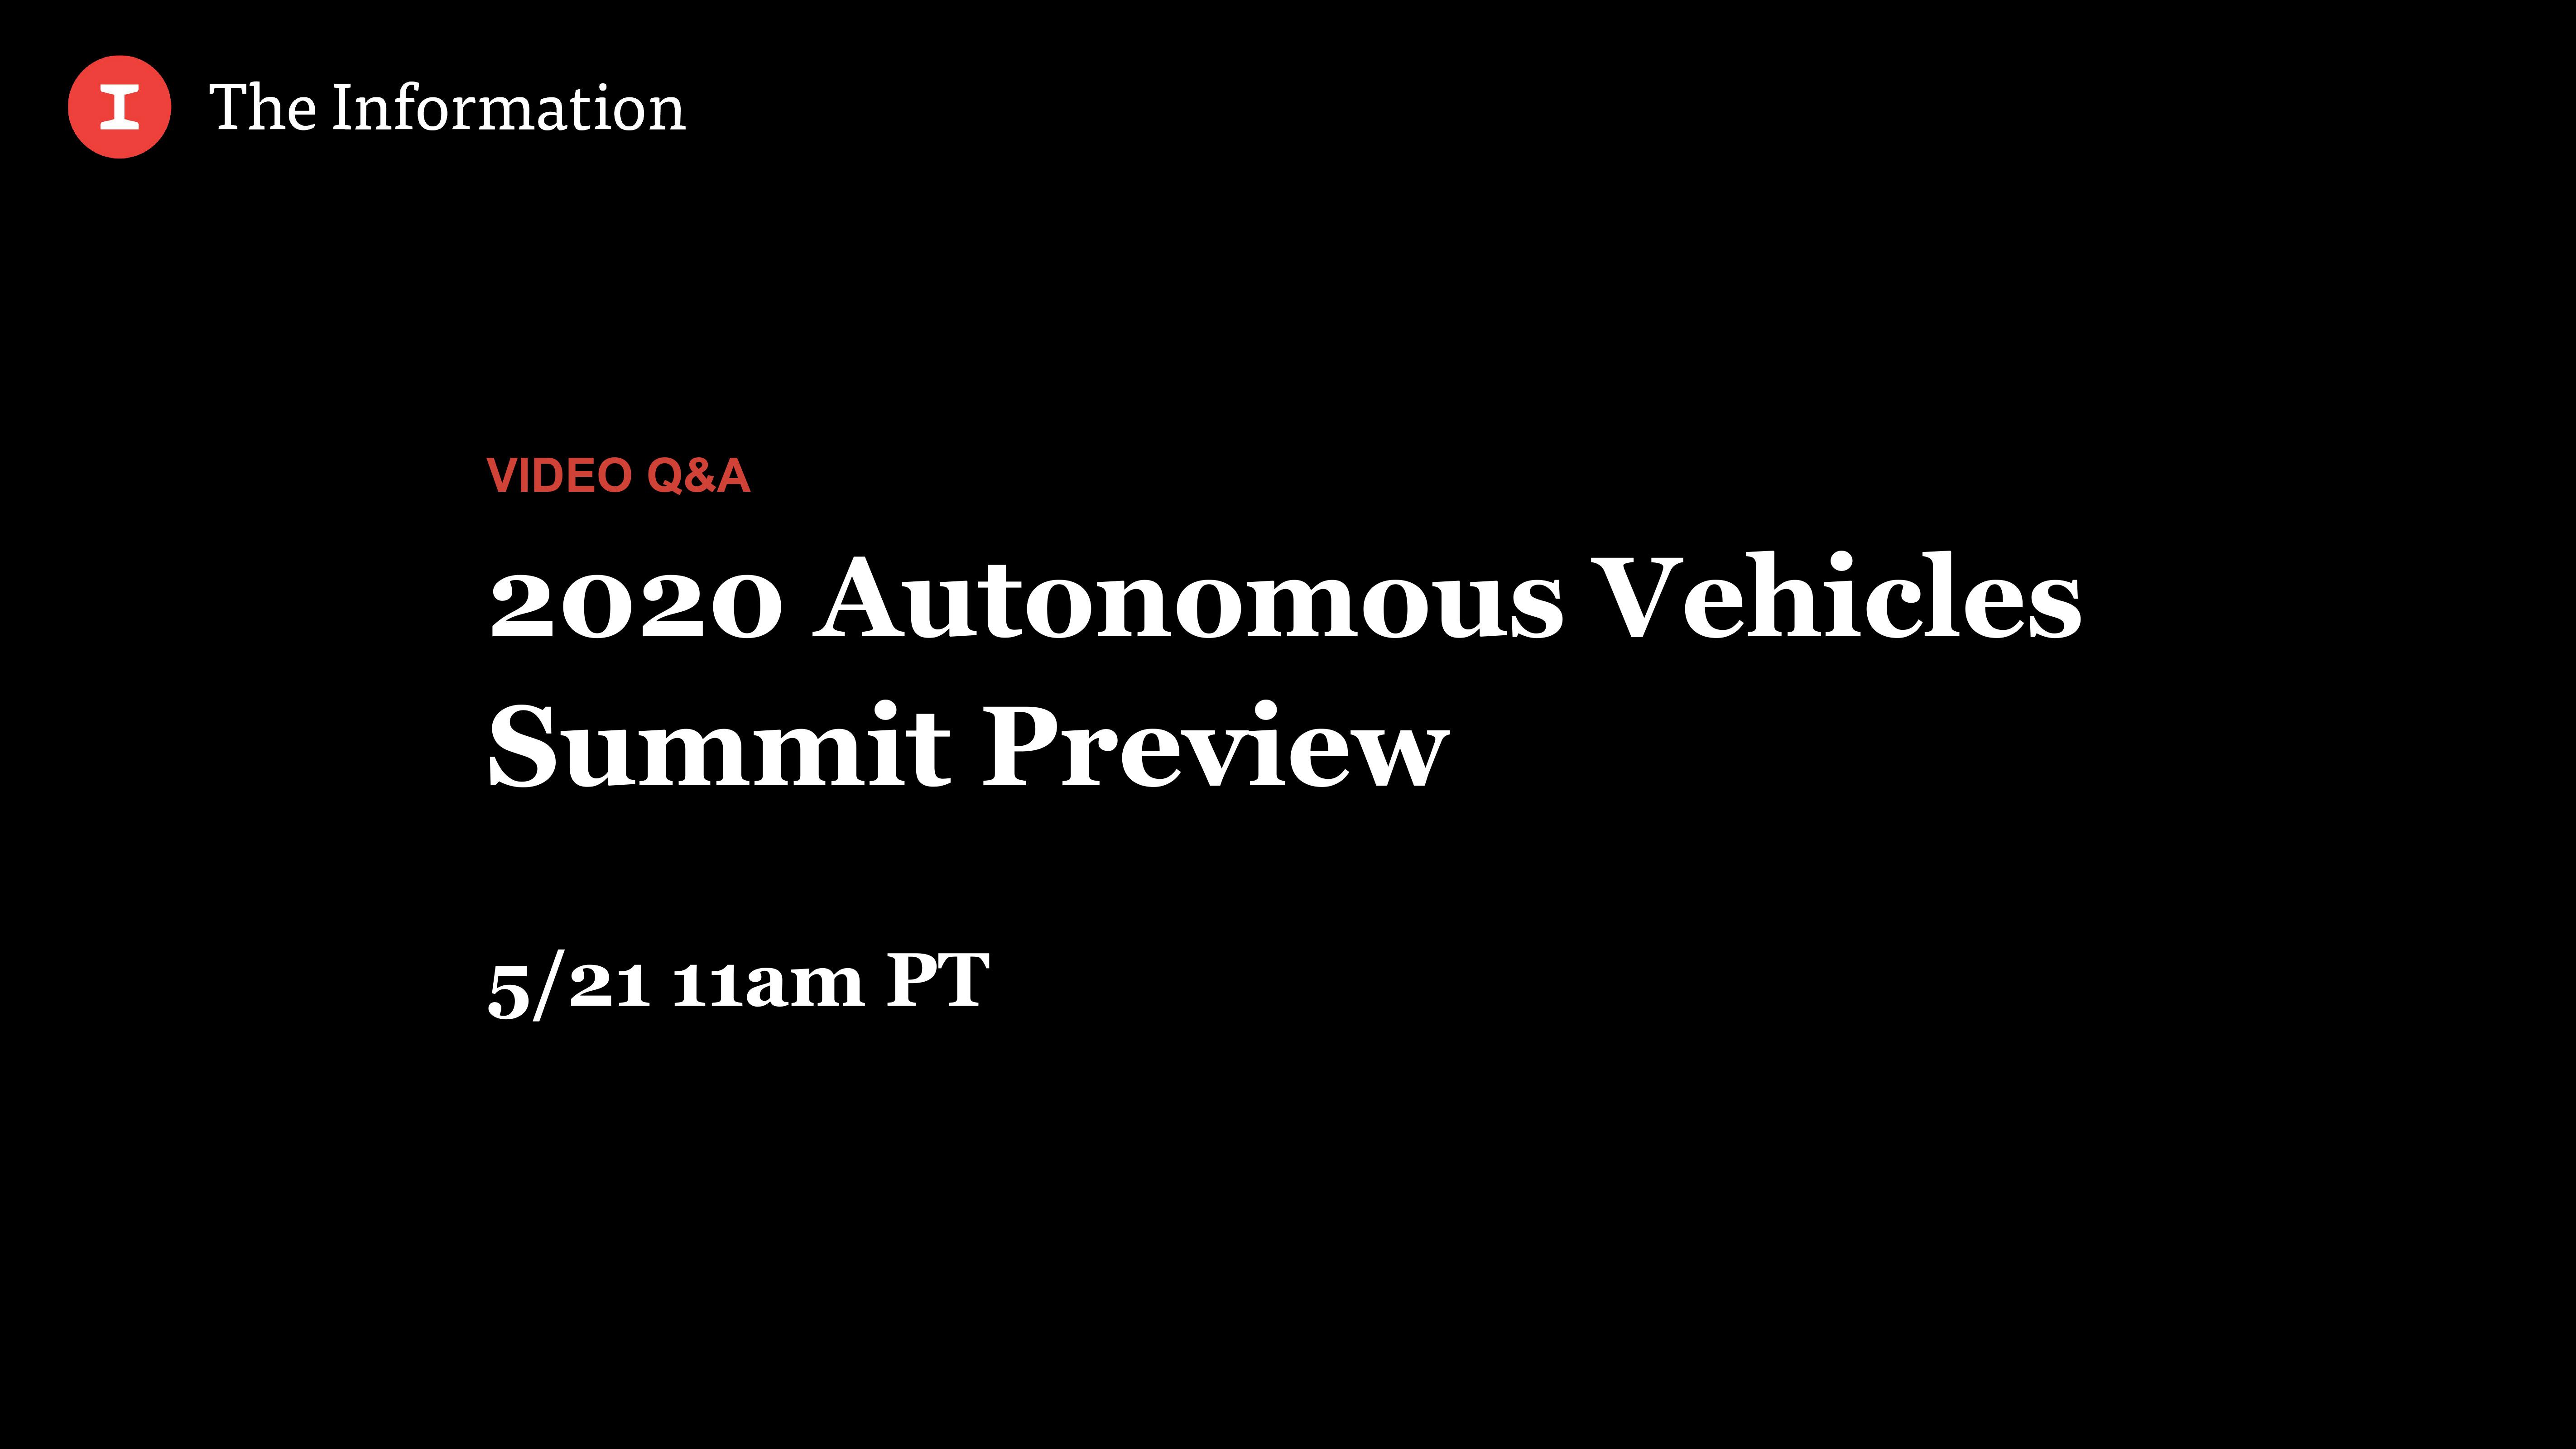 2020 Autonomous Vehicles Summit Preview